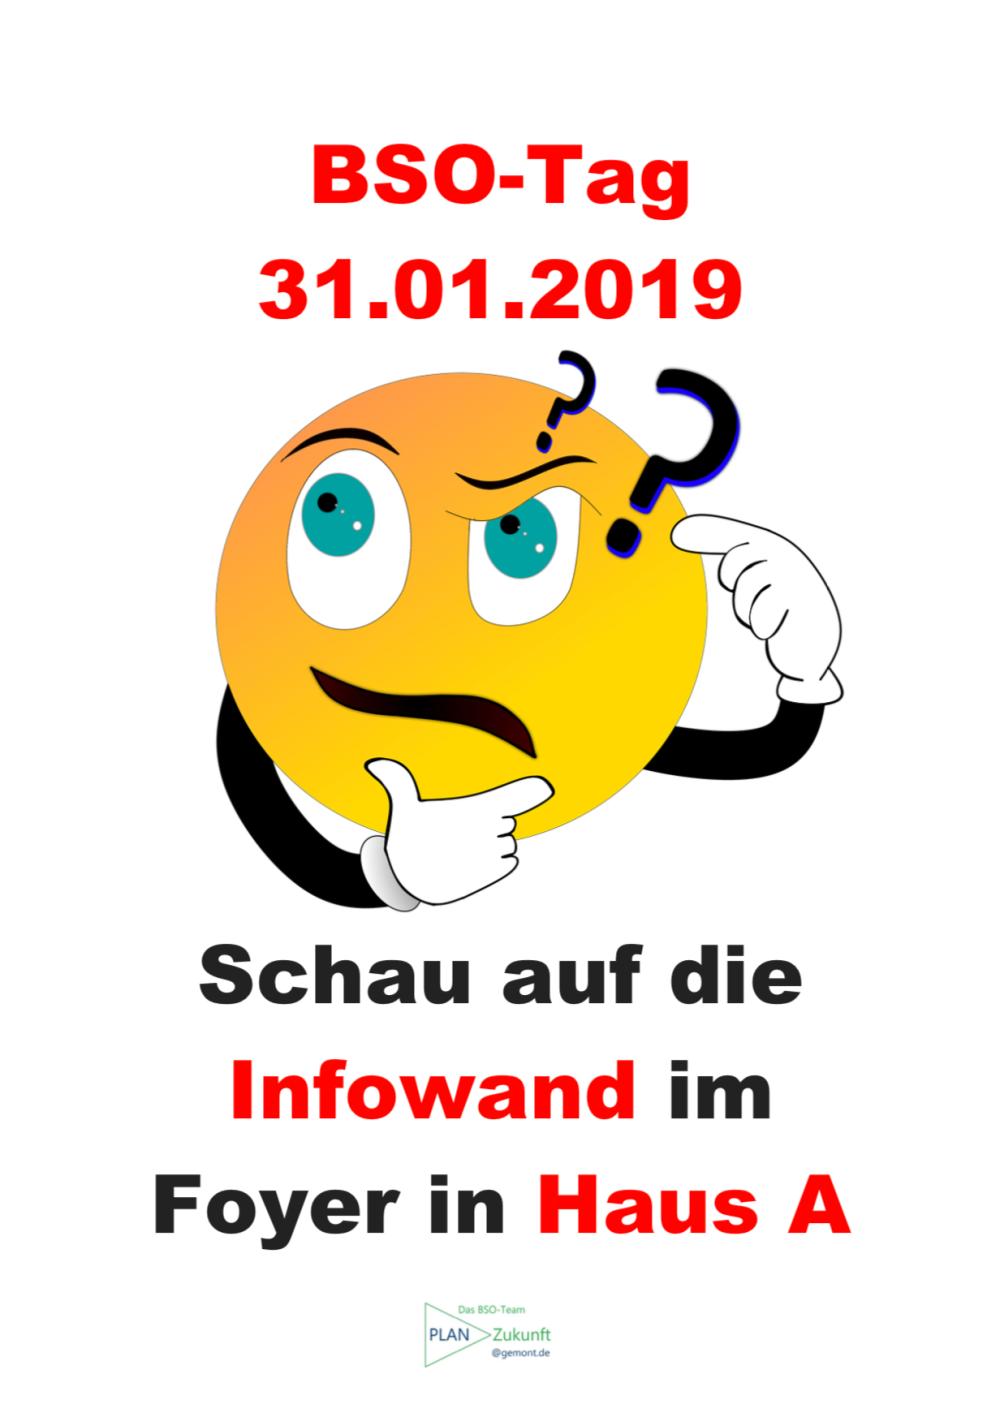 bildschirmfoto 2019-01-25 um 11.24.33